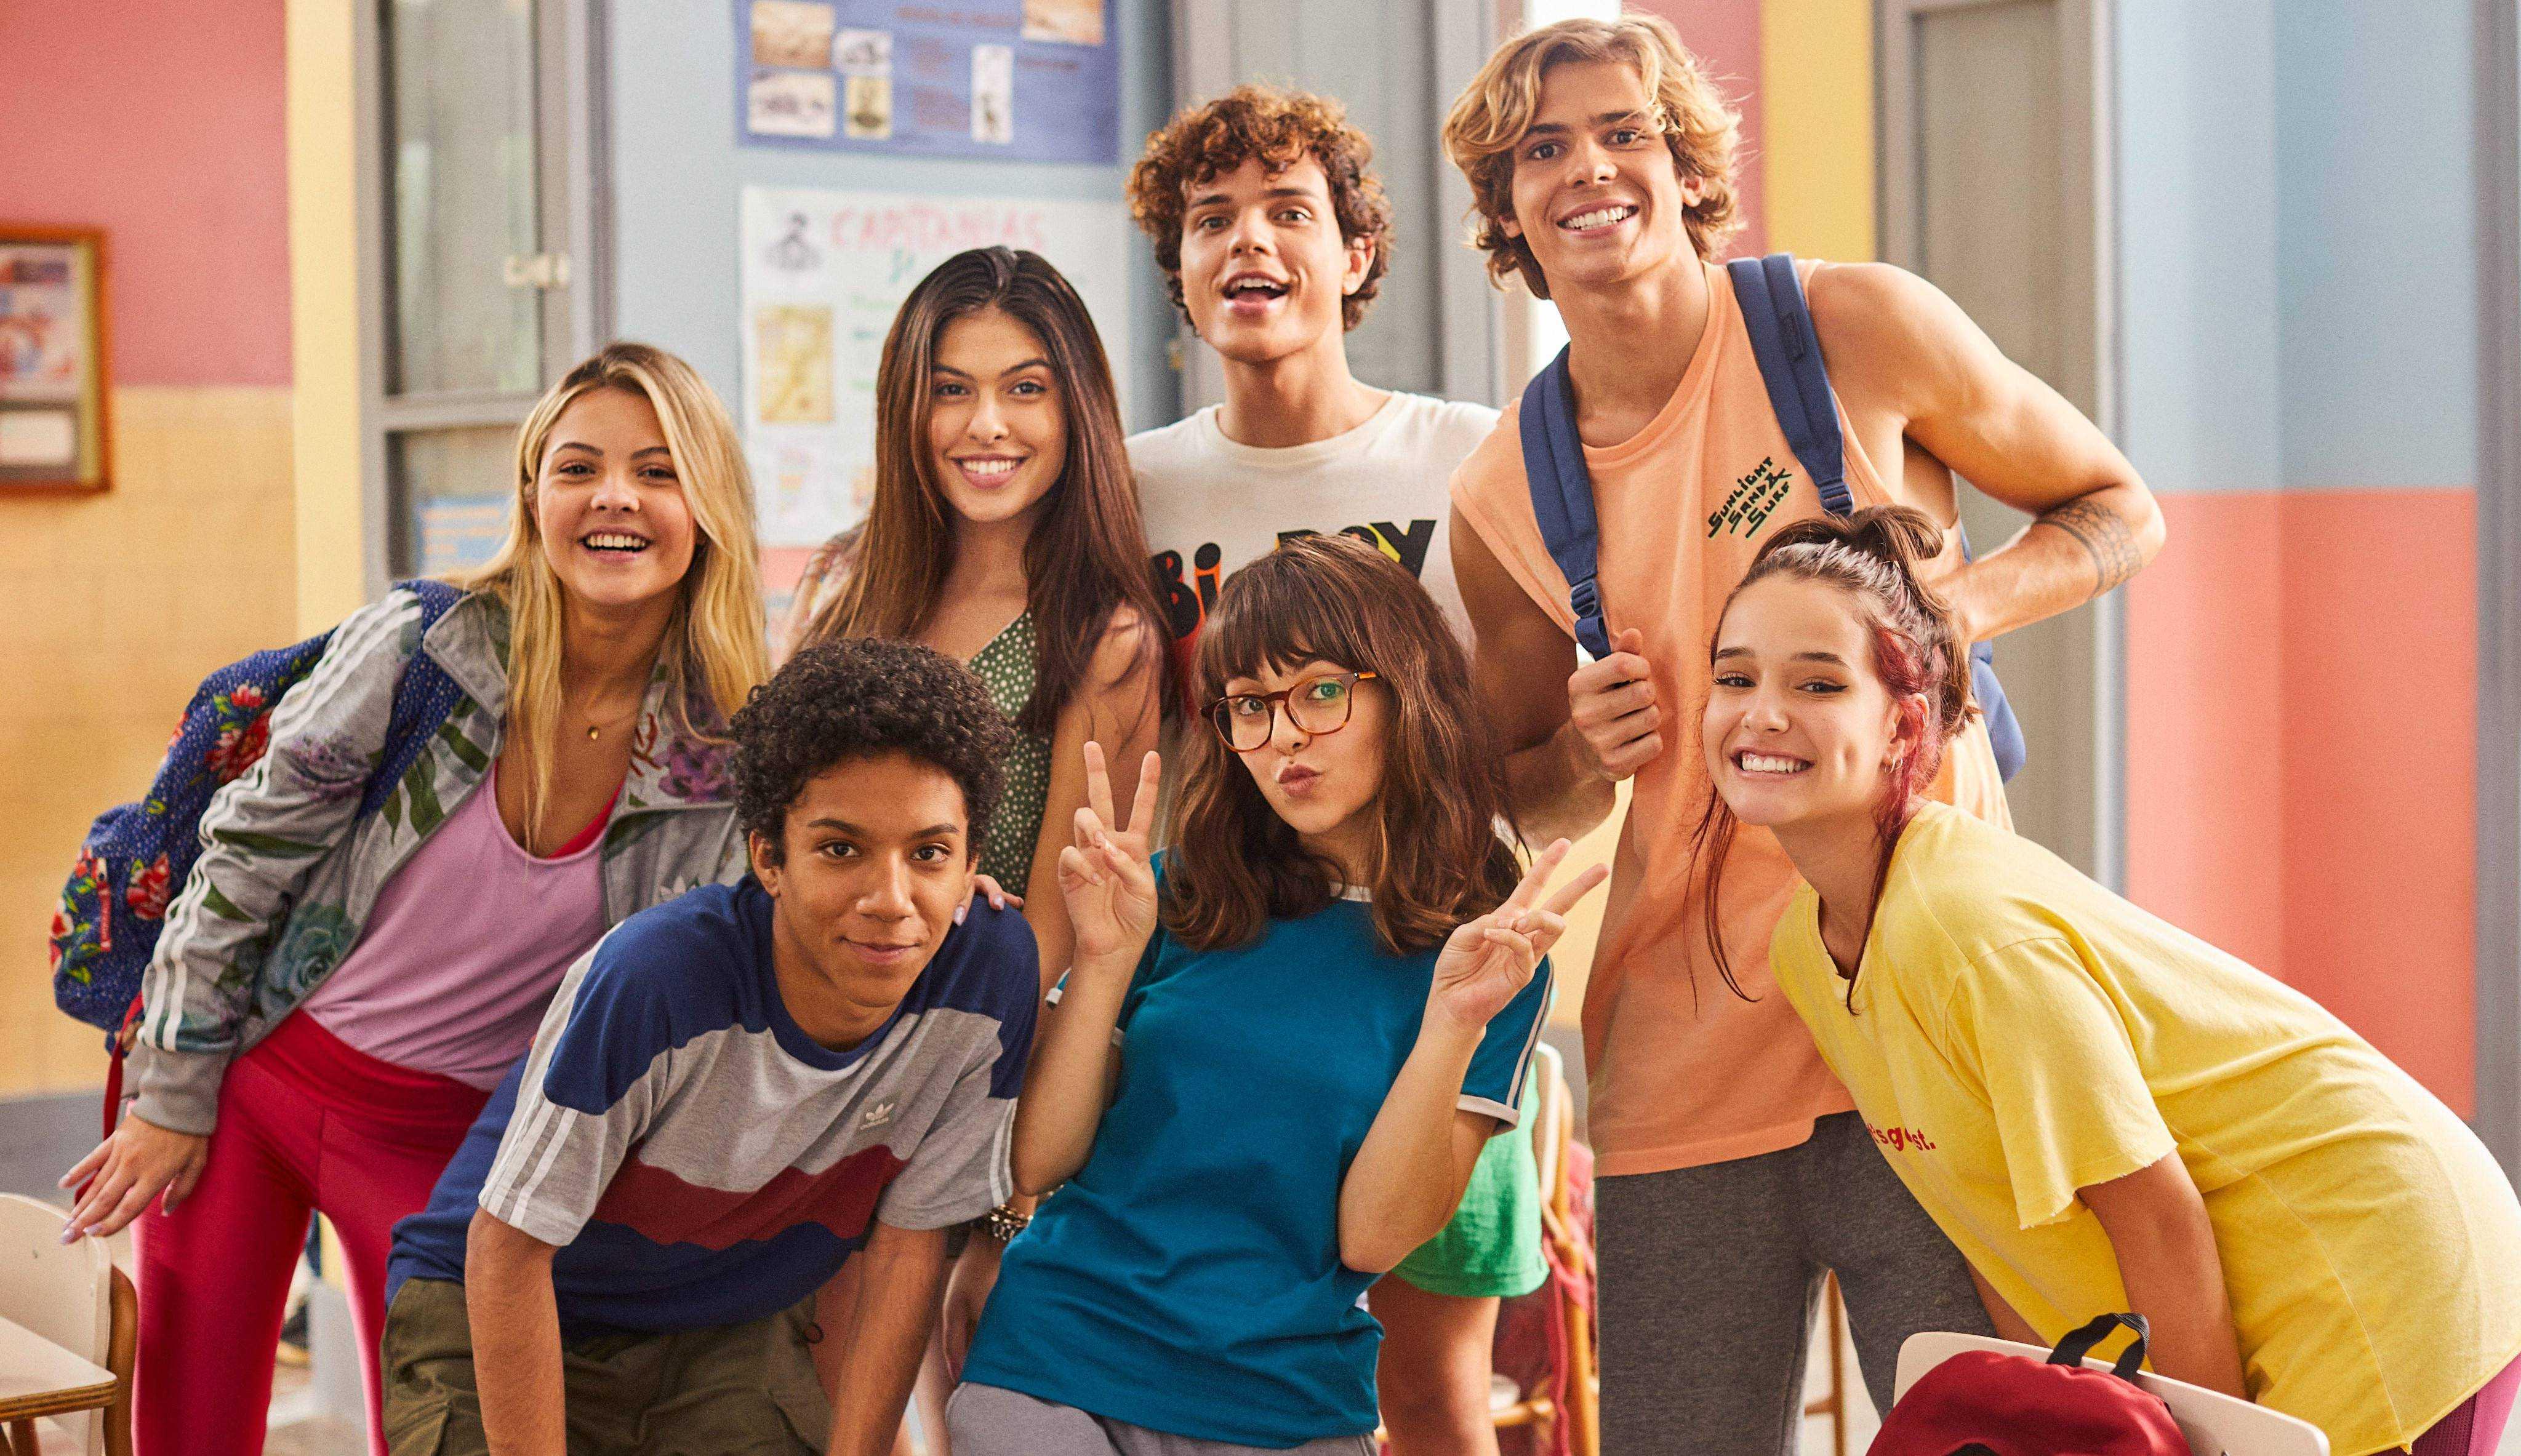 Netflix anuncia lançamentos nacionais inéditos a partir de julho, intitulando o projeto como 'Mais Brasil na Tela'